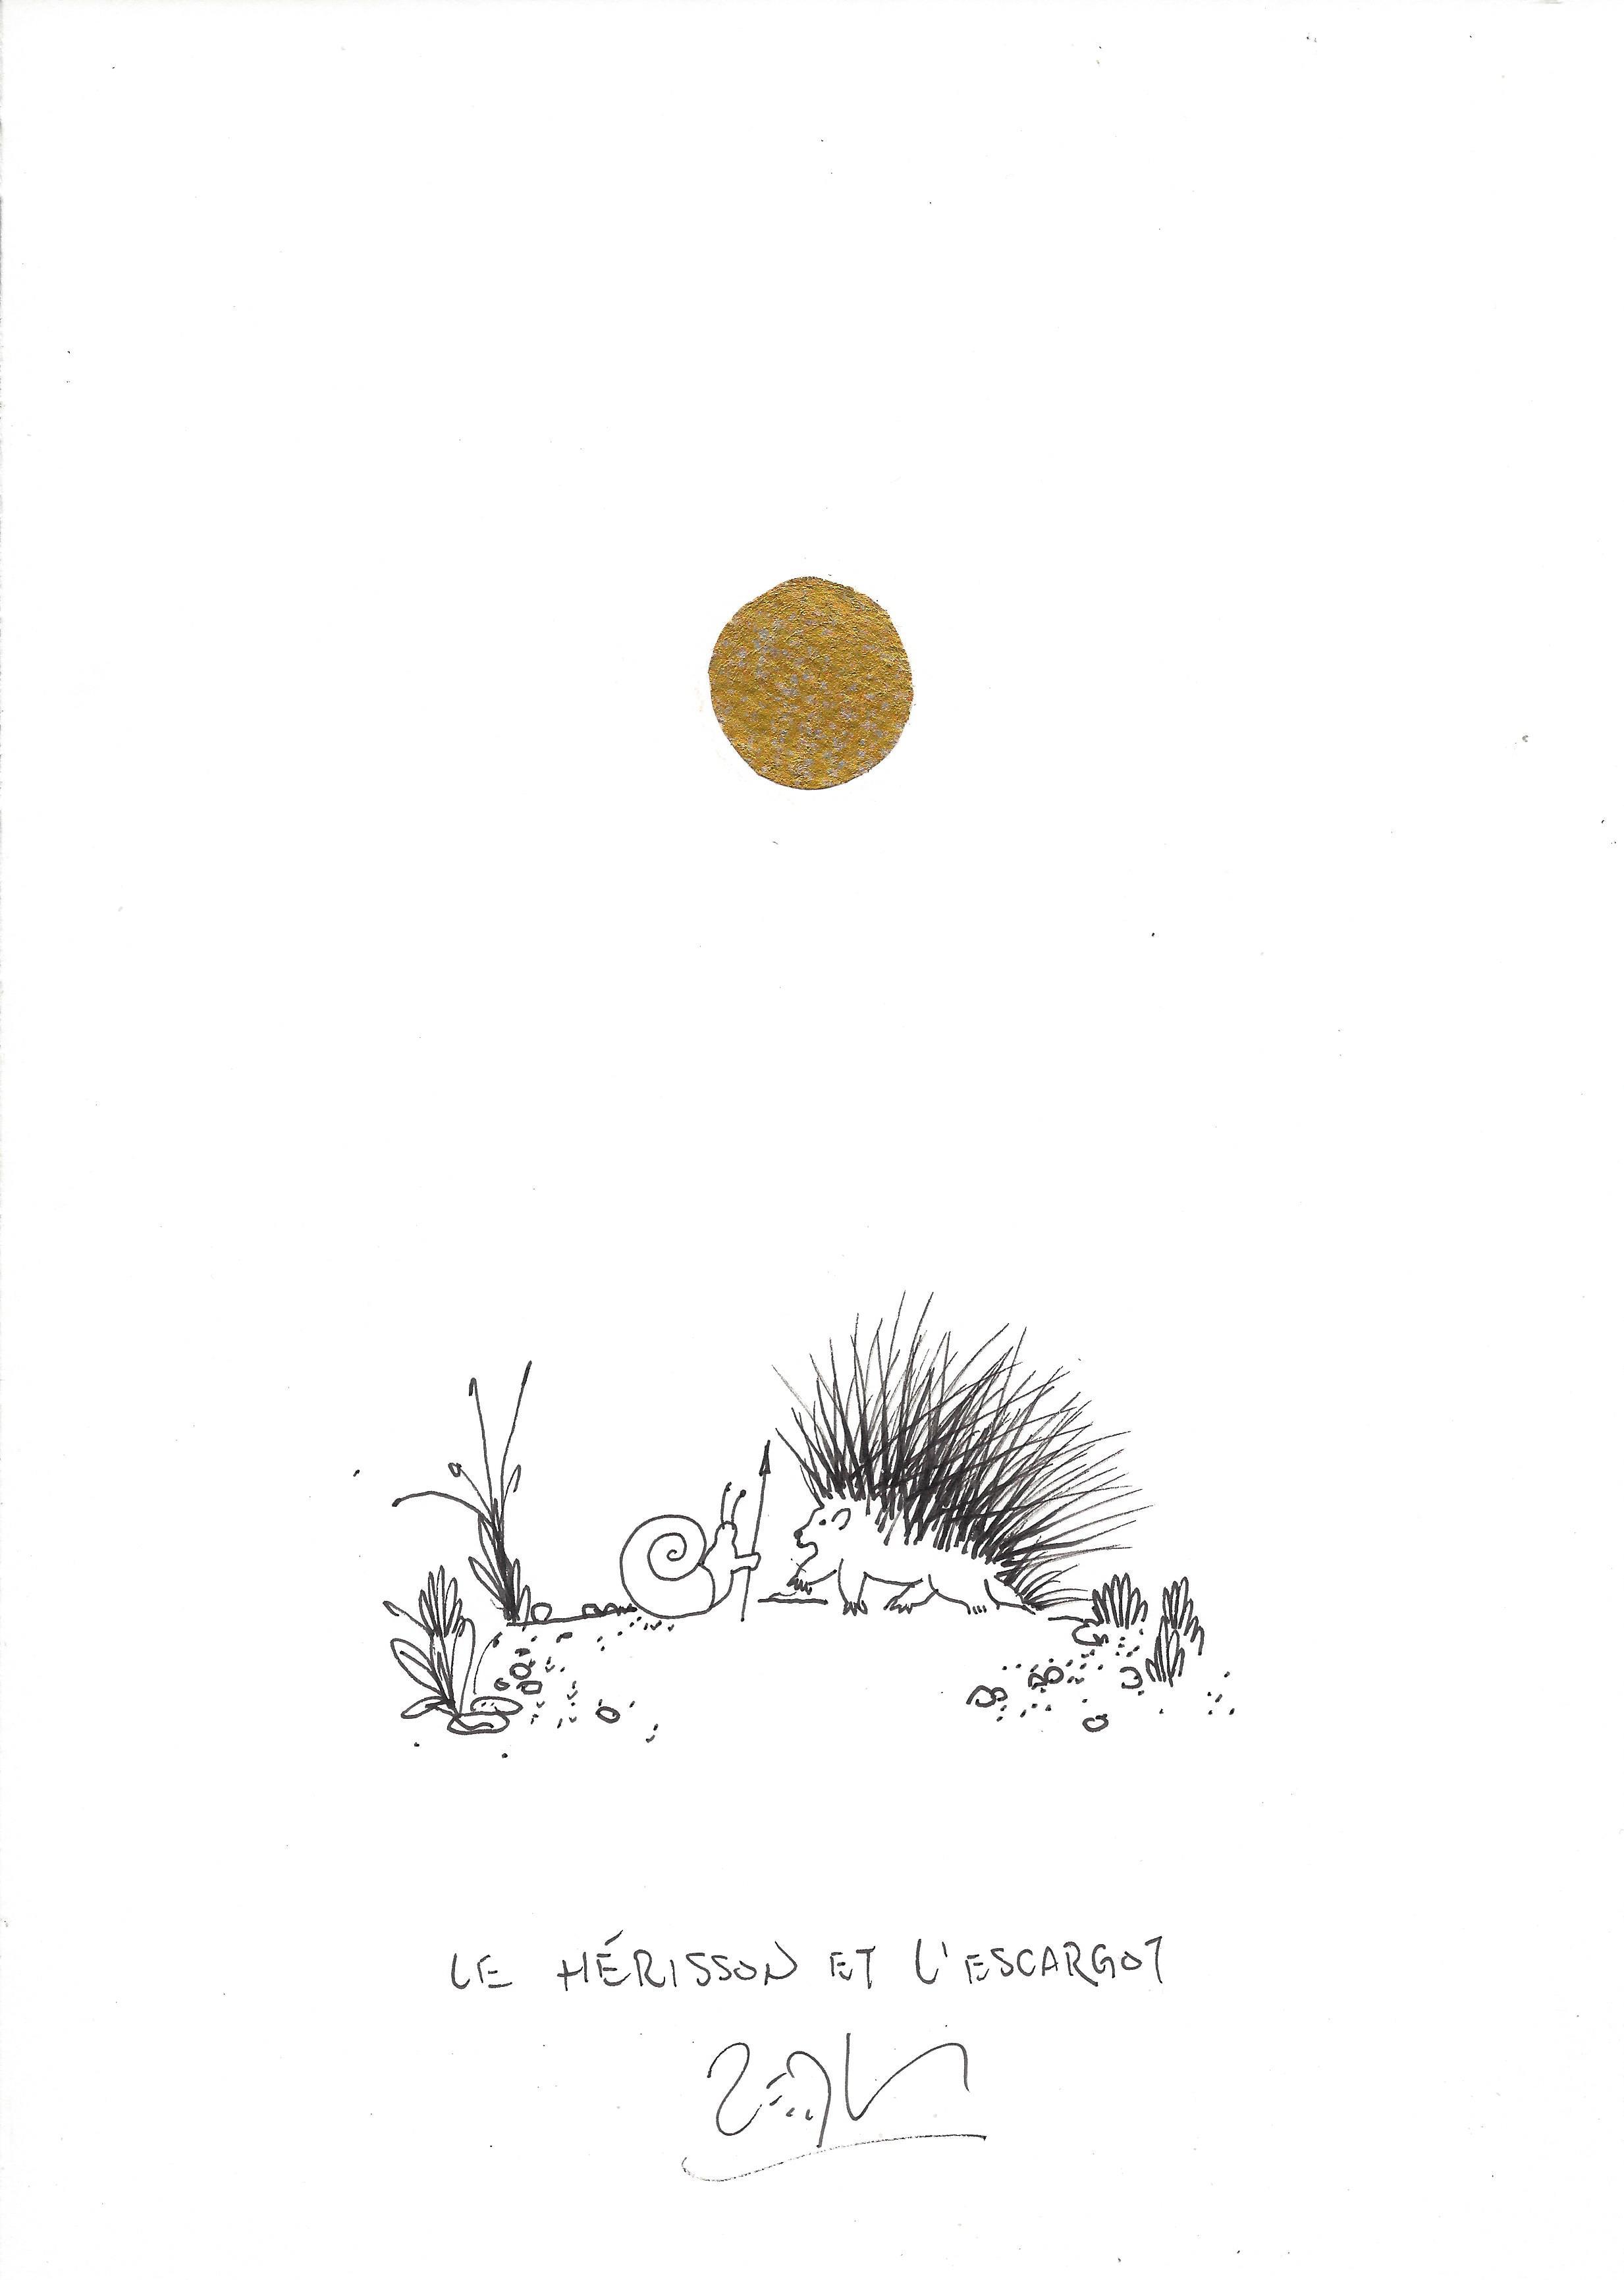 « The hedgehog and the snail – Le hérisson et l'escargot »